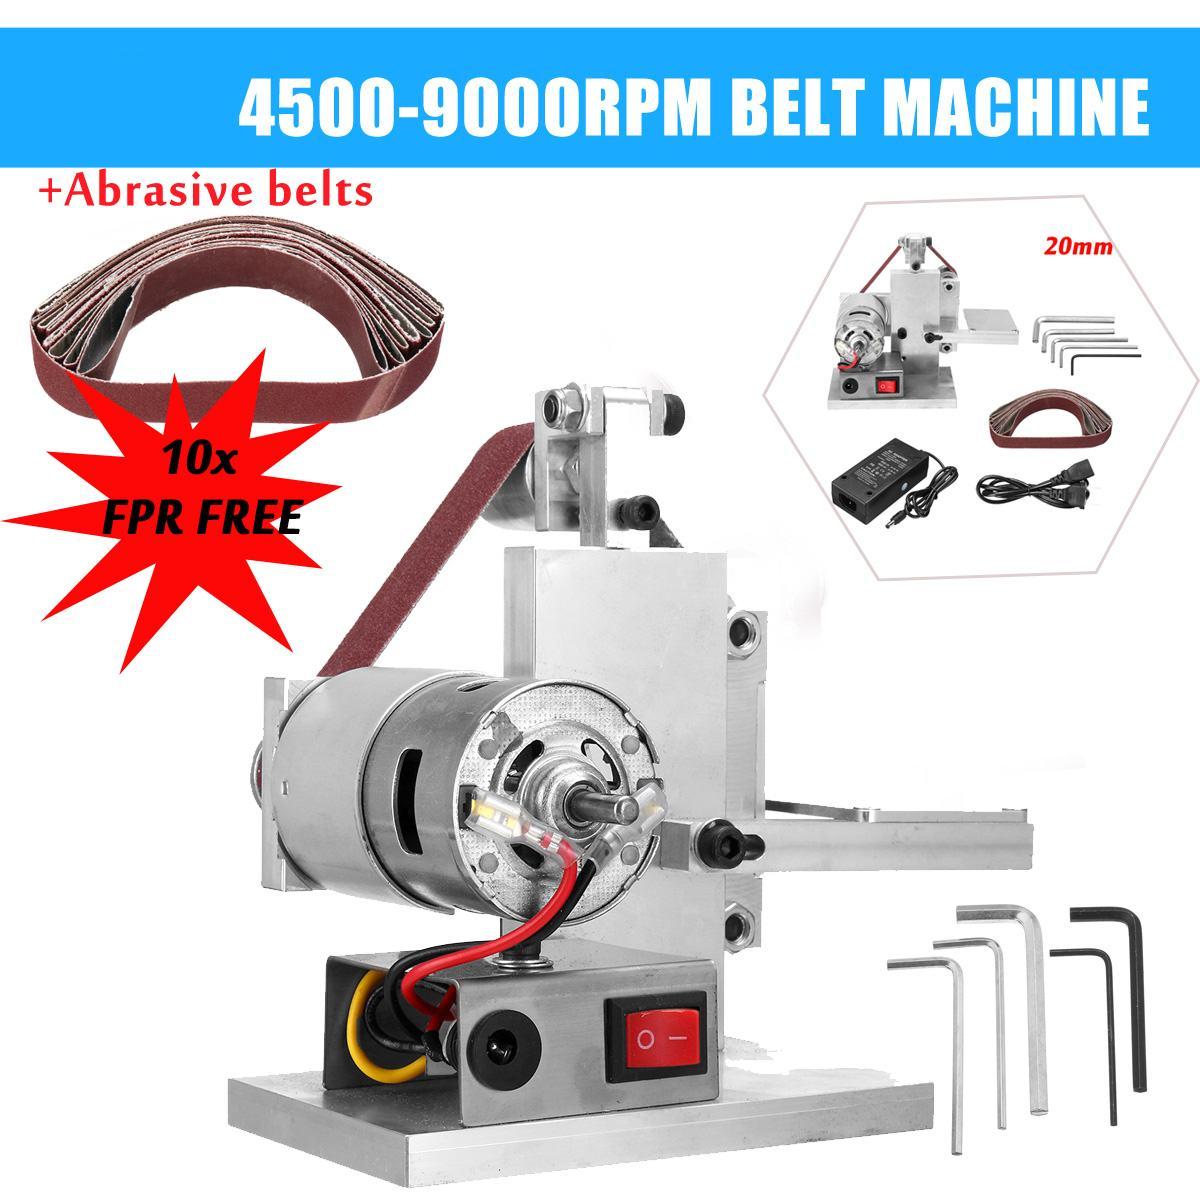 110-240 v 10/20mm mini lixadeira de cinto elétrica máquina de moagem de polimento afiador de bordas de faca para trabalhar madeira moedor de metal polimento